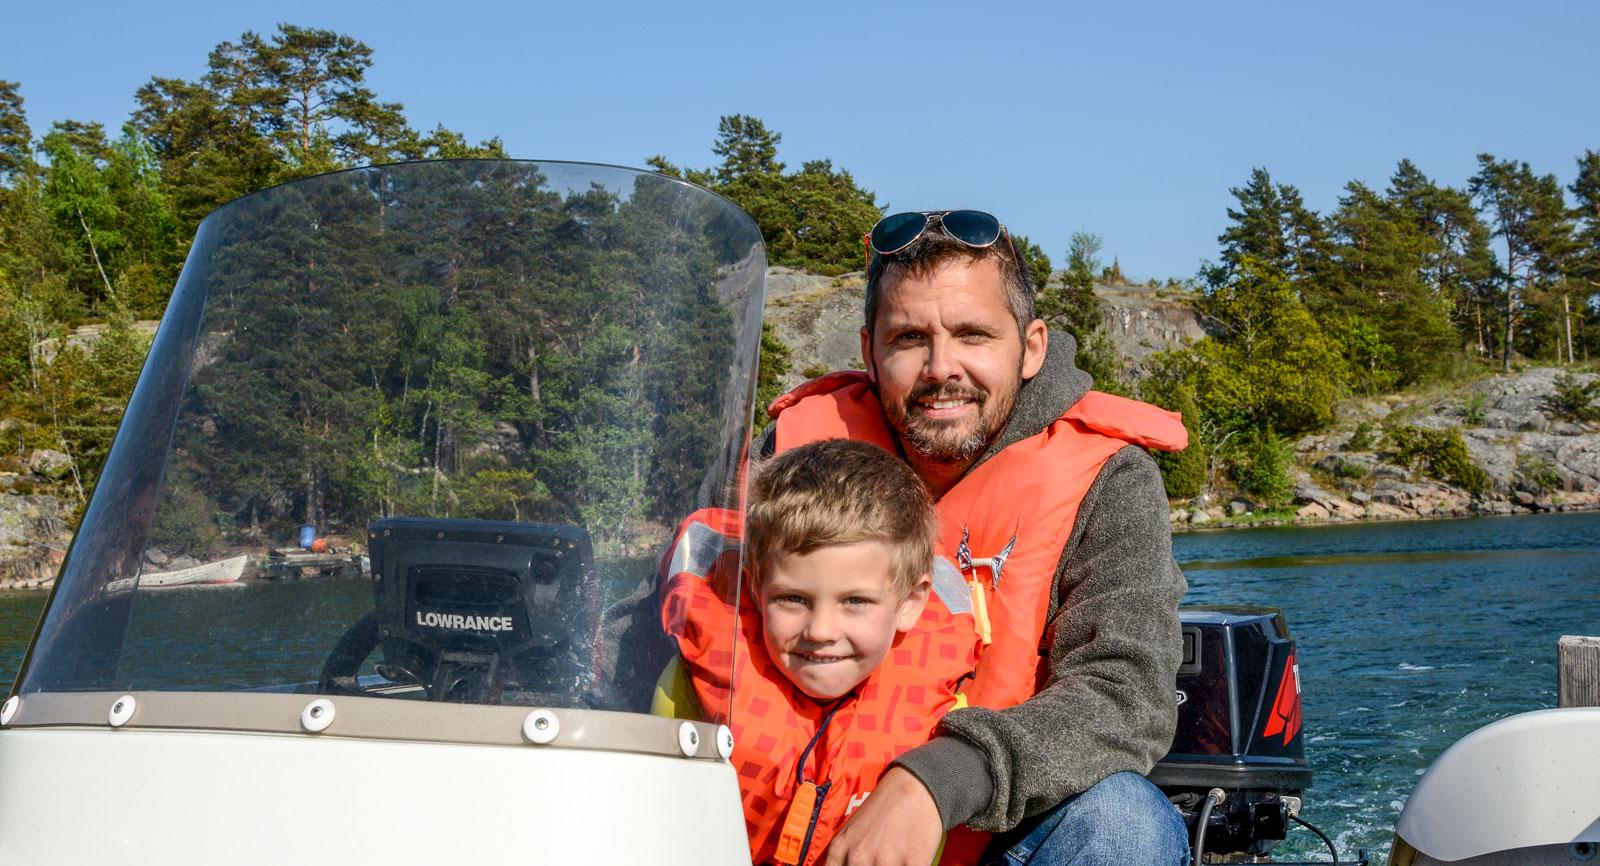 Den som vill utforska skärgården till havs kan hyra båt ett stenkast från campingen.